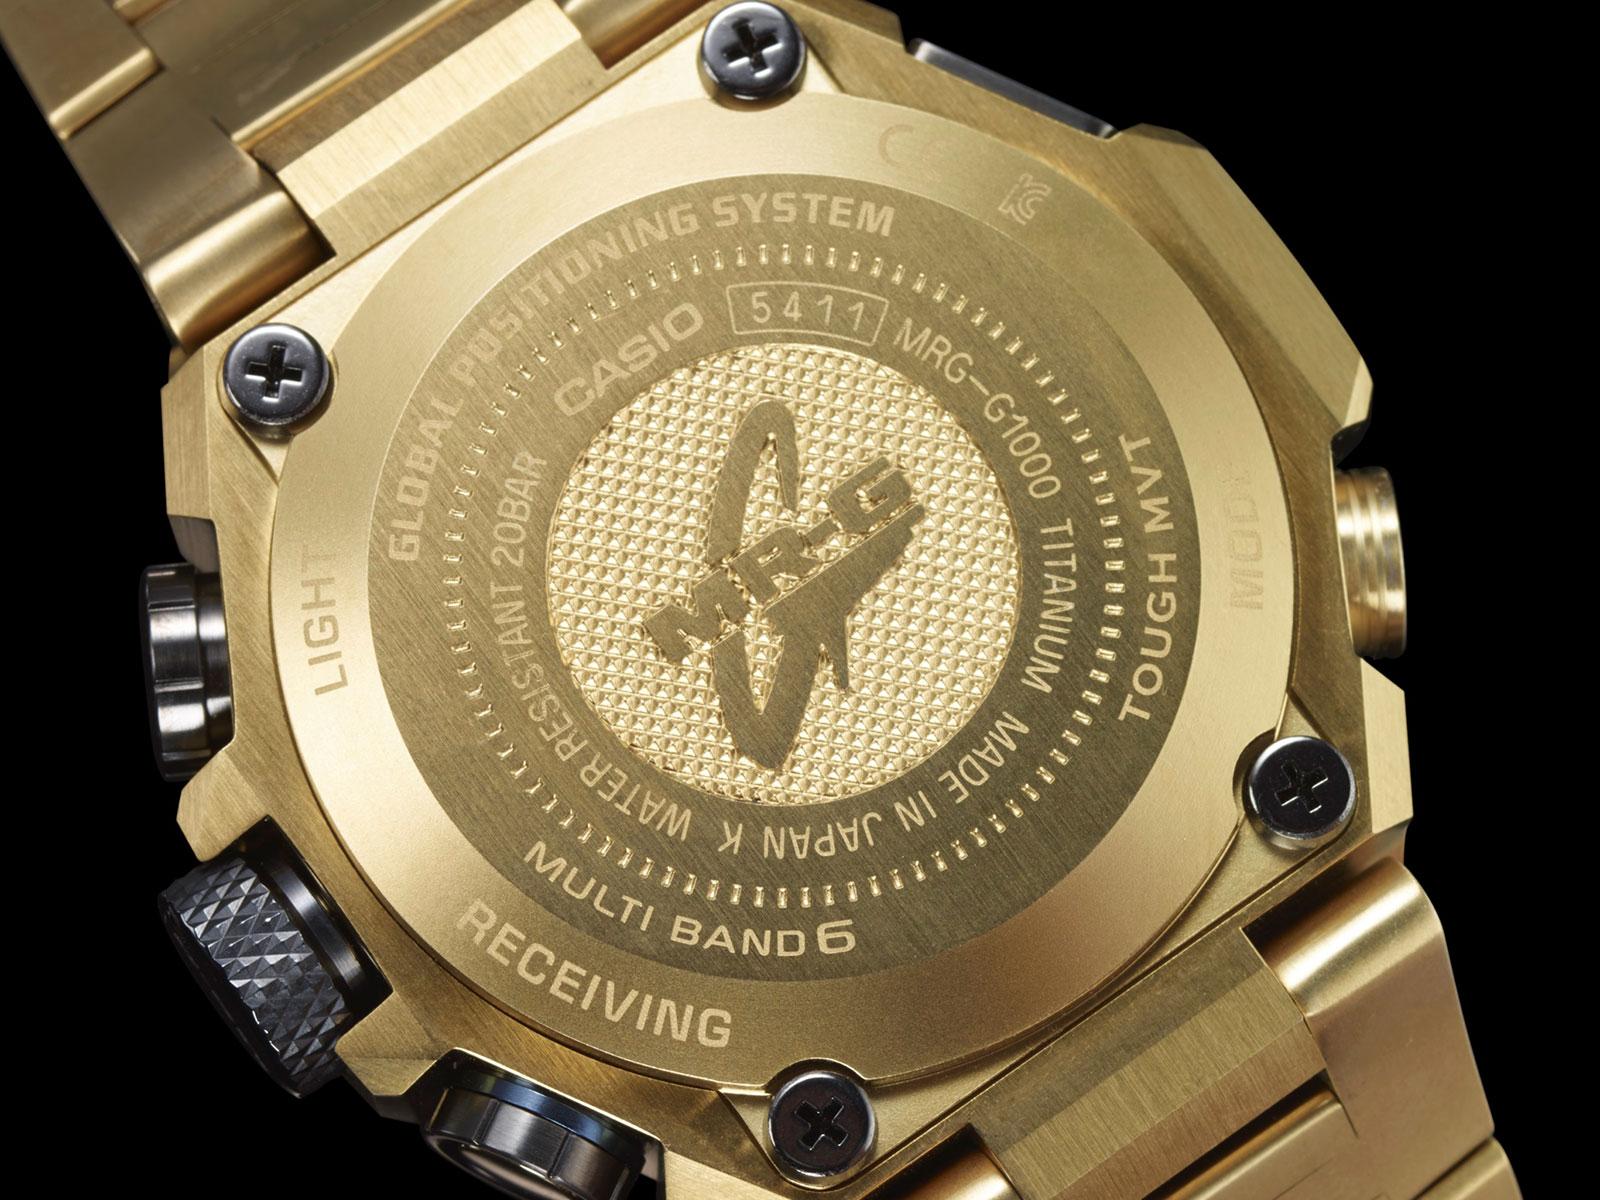 Casio G-Shock MR-G Gold Hammer Tone 6